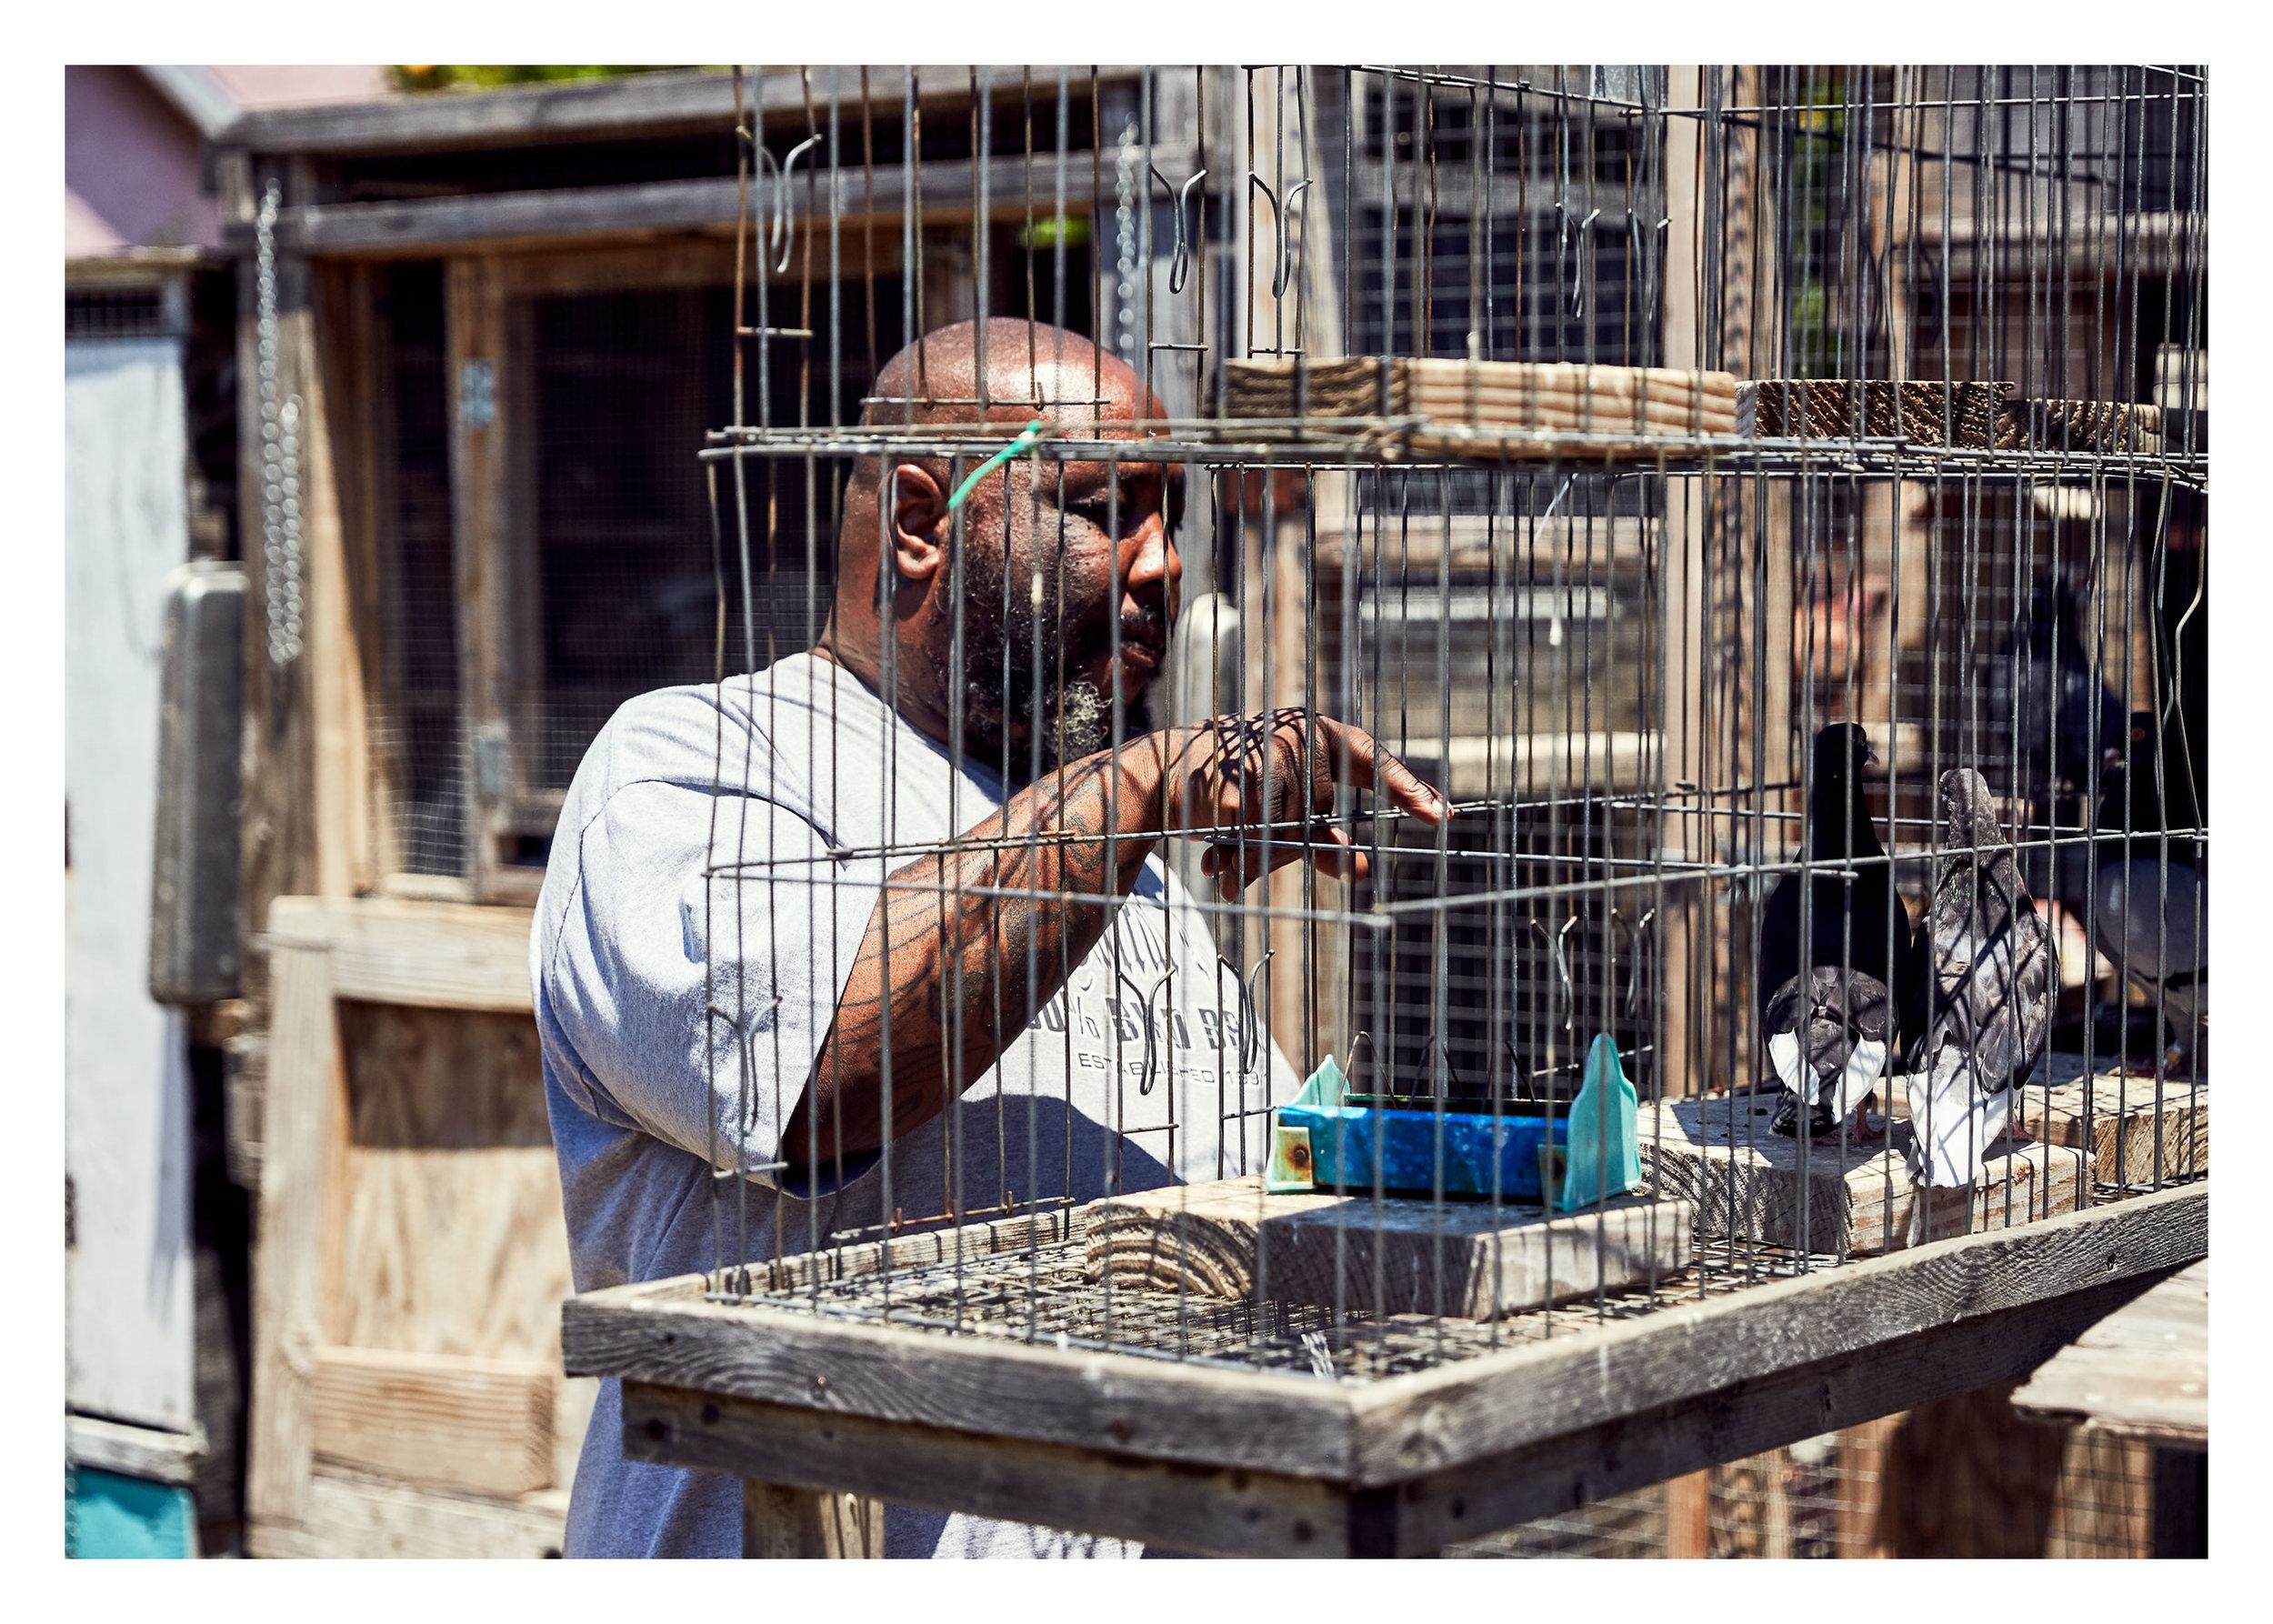 PIGEONKINGS_01950_web.jpg